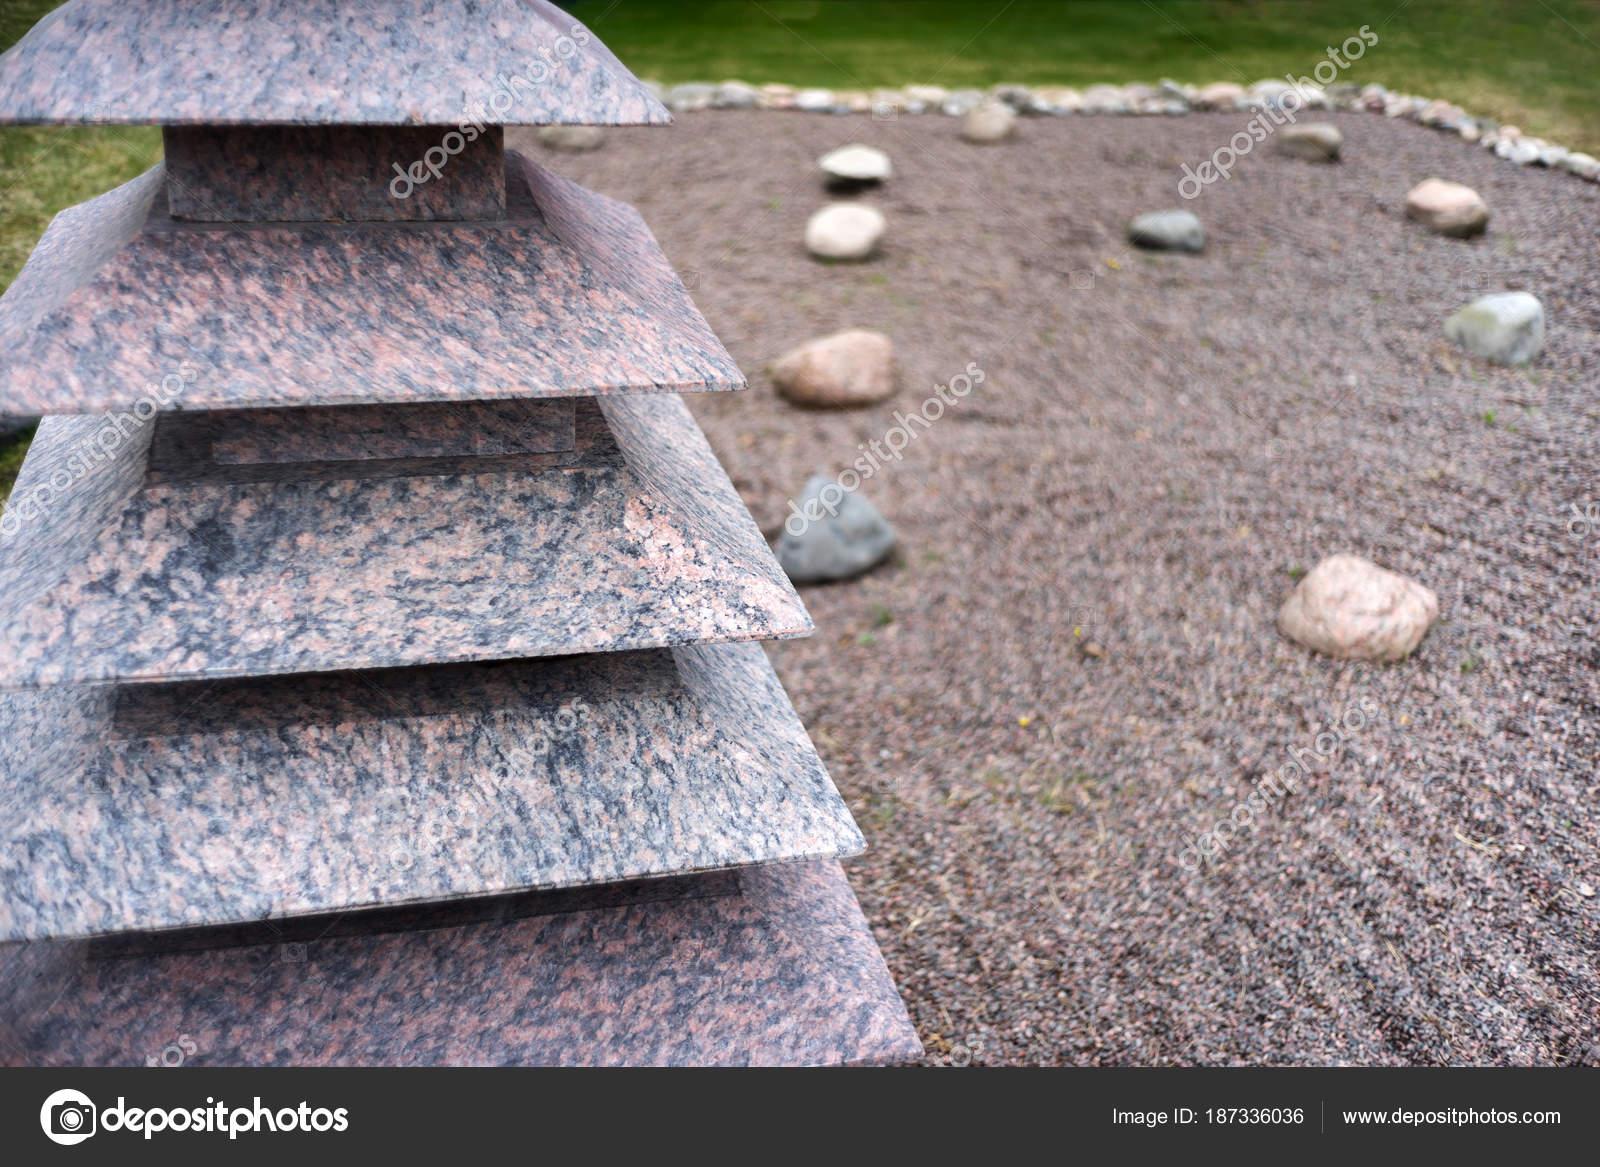 Feng Shui Tuin : Feng shui tuin zen stenen u2014 stockfoto © maxoidos #187336036